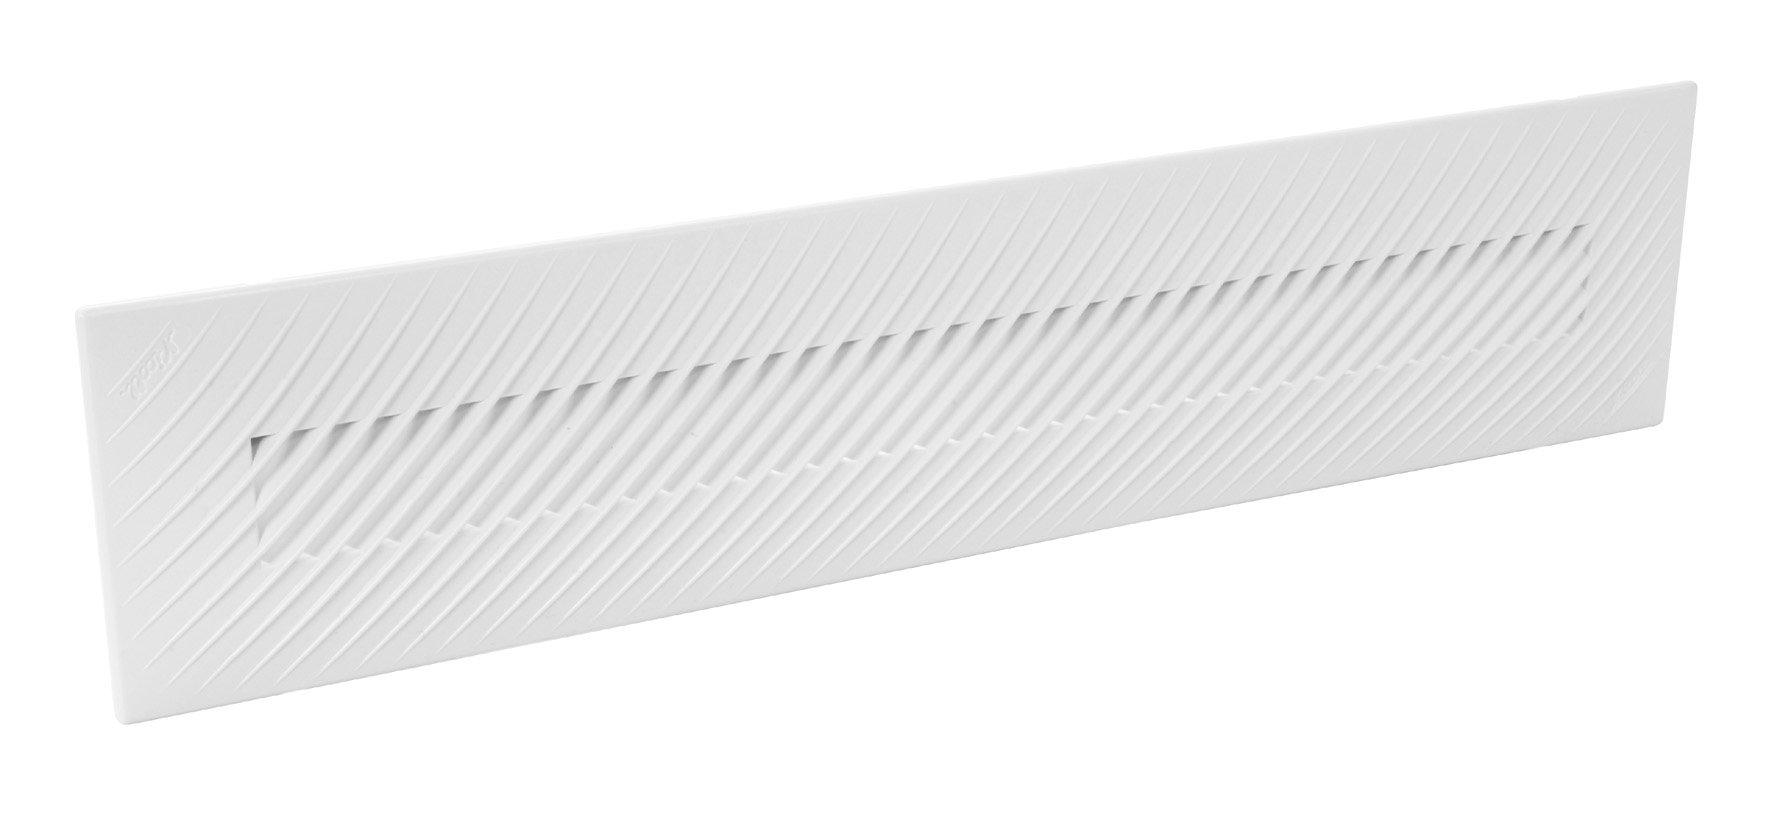 Grille de ventilation avec moustiquaire nicoll for Porte avec grille de ventilation